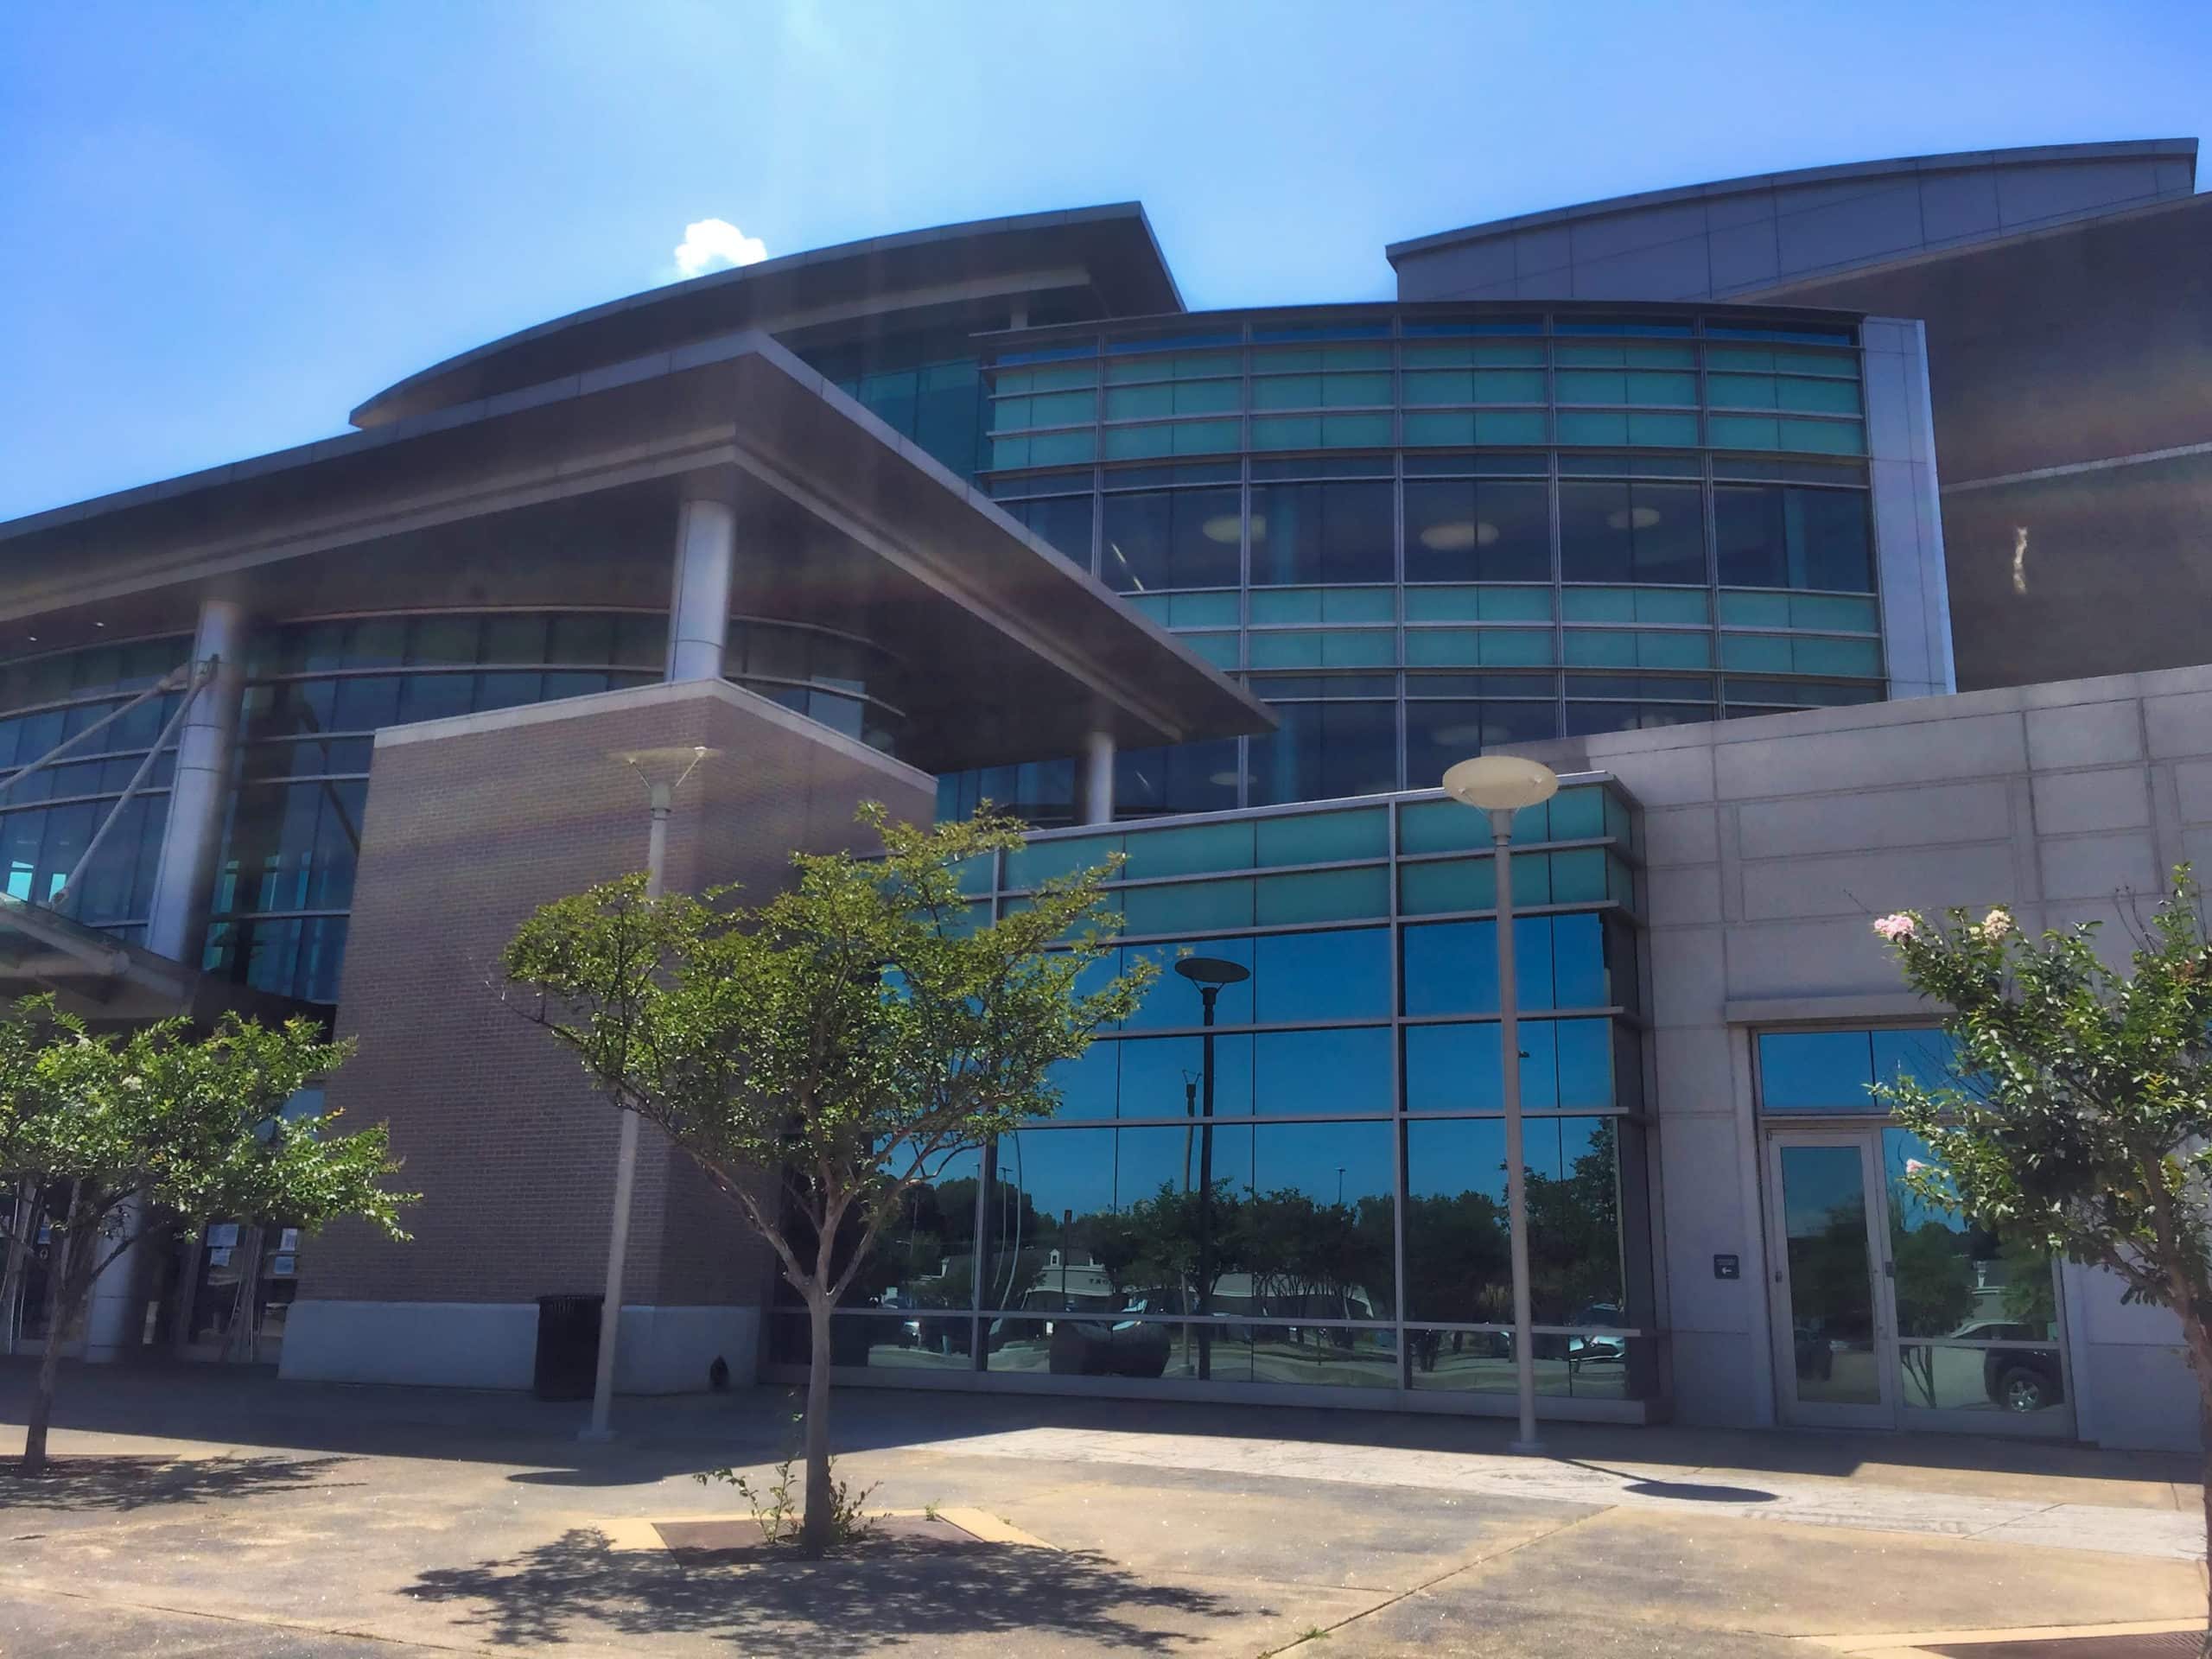 Memphis Public Library